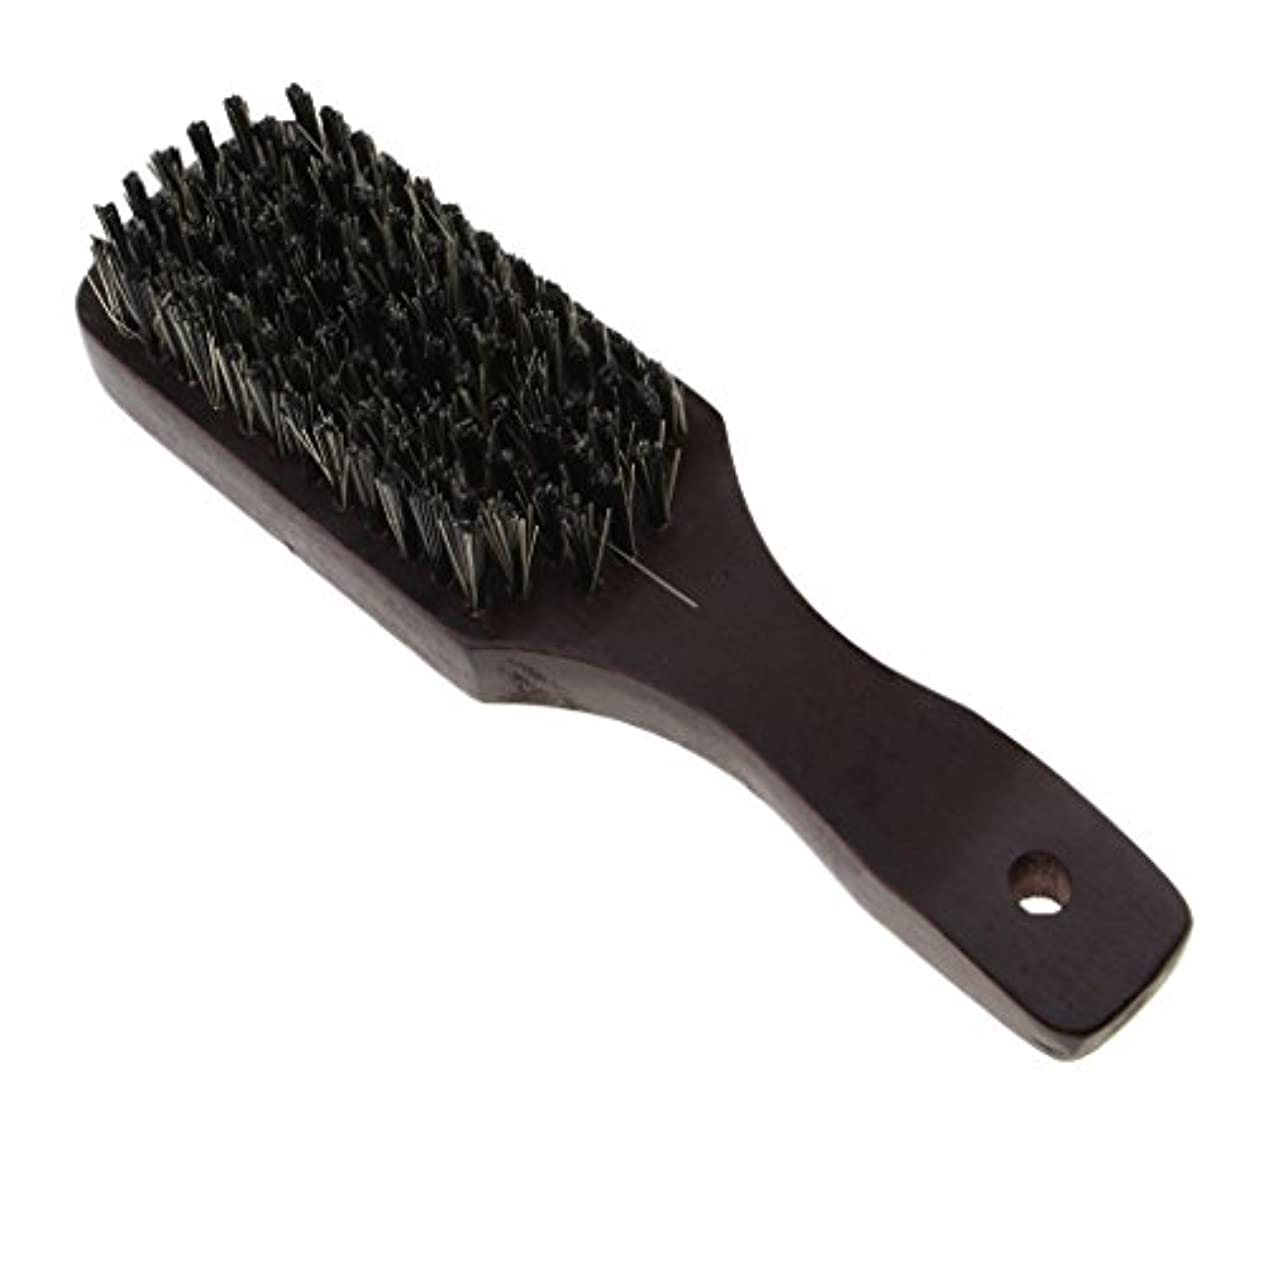 靄統計キャンパスDYNWAVE ヘアブラシ 髪の櫛 木製 サロン バリバー アフロ ヘアピック ブラシ 櫛